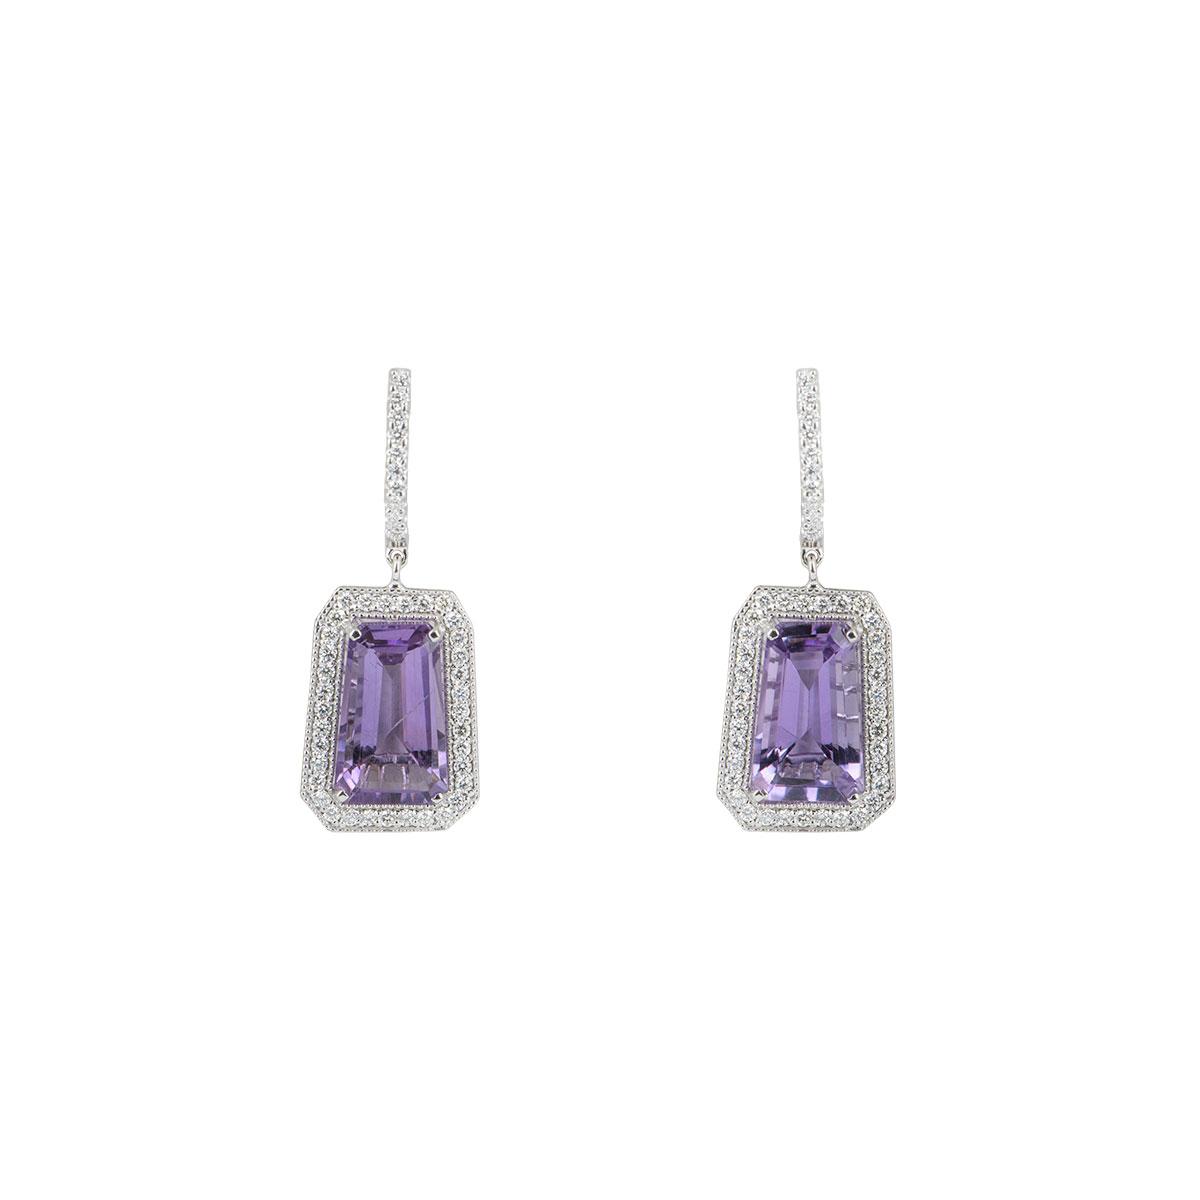 White Gold Diamond & Amethyst Drop Earrings